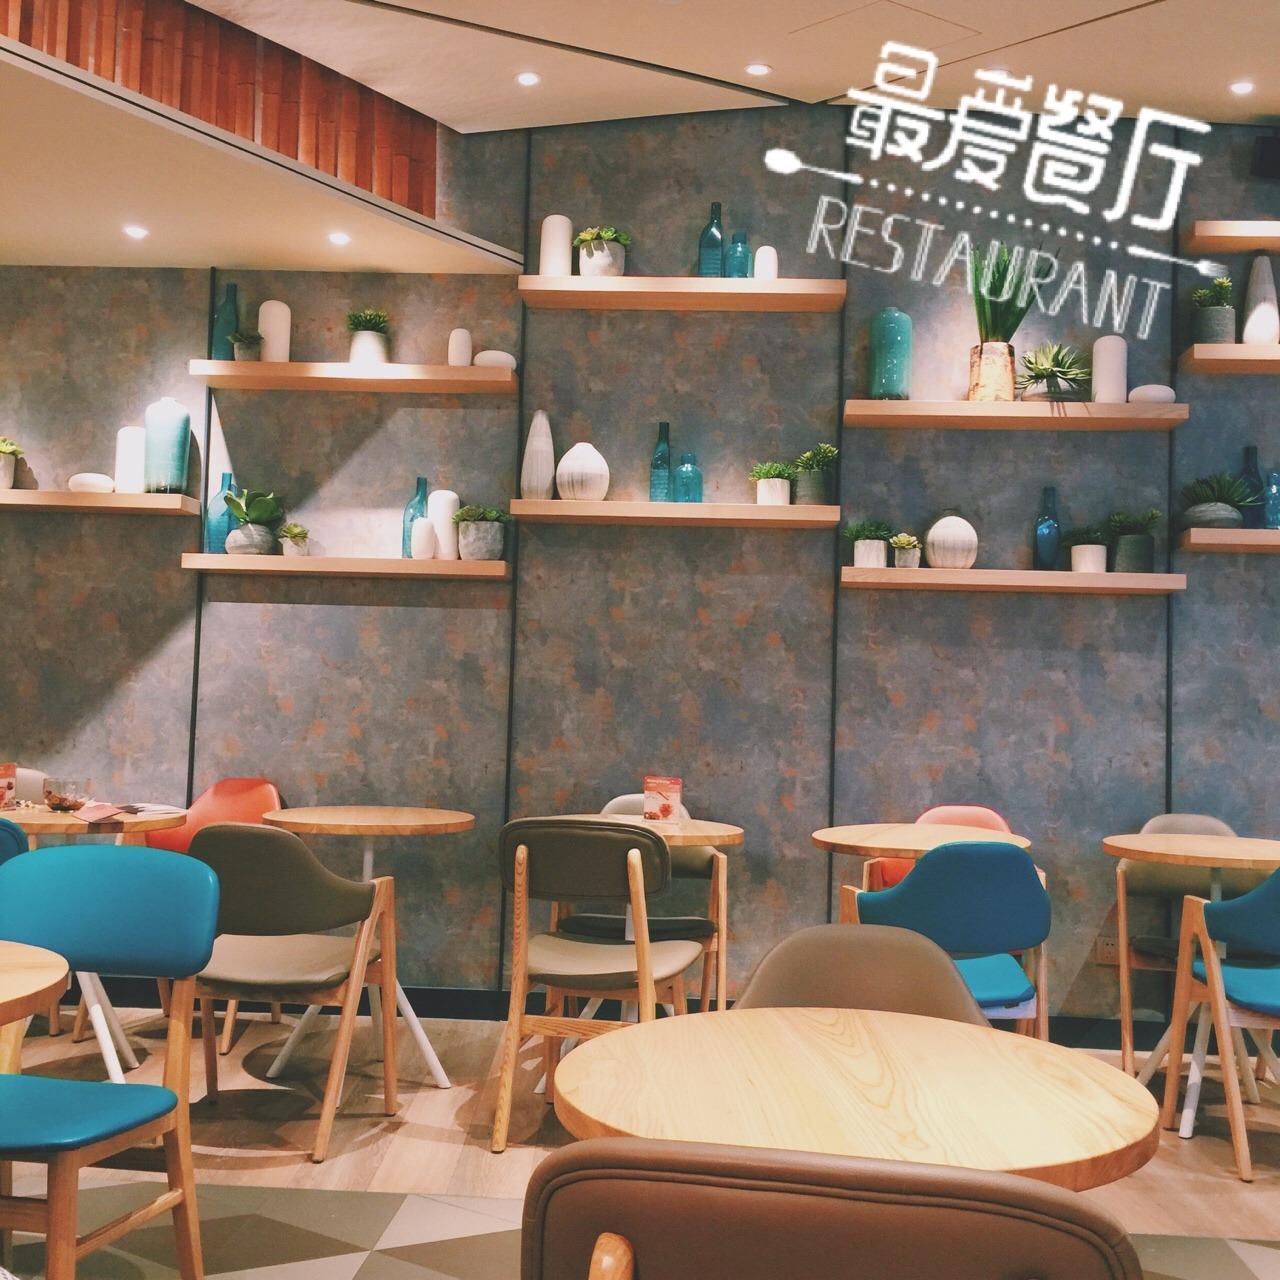 餐厅,文艺,咖啡厅,下午茶